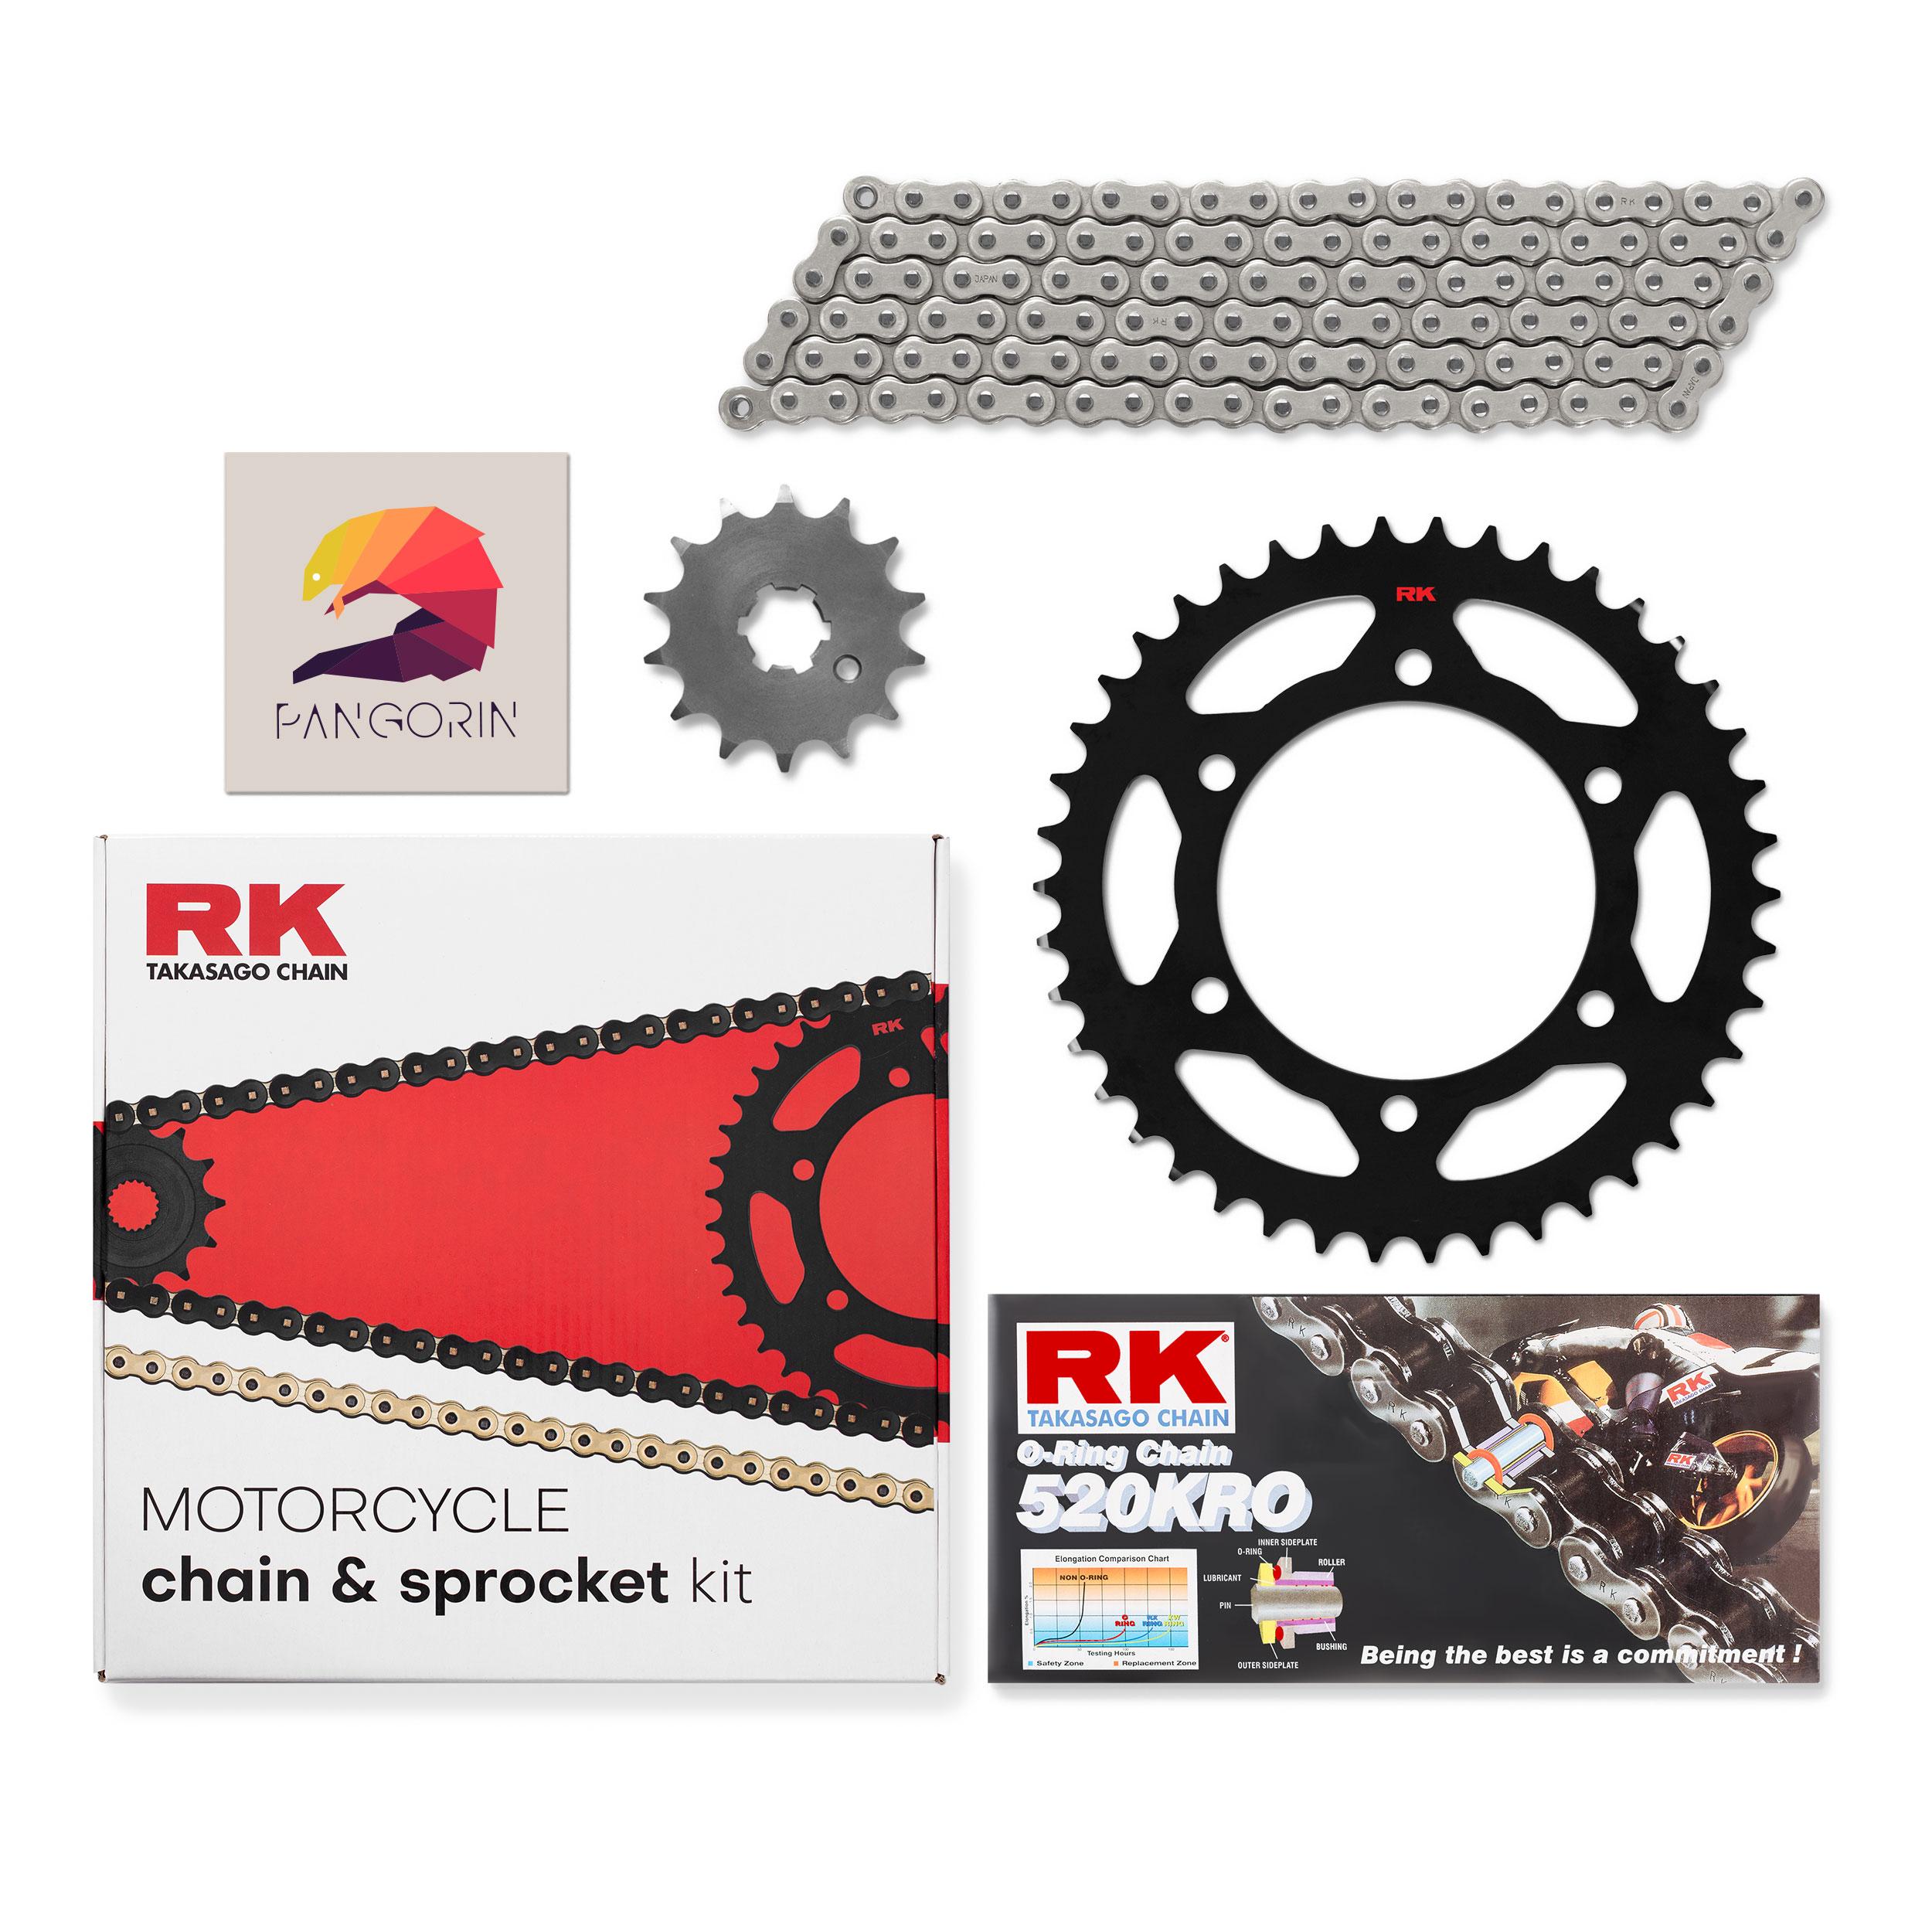 RK Chain - Nhông Sên Dĩa Kawasaki Z300 - Sên KRO O-ring Không Màu